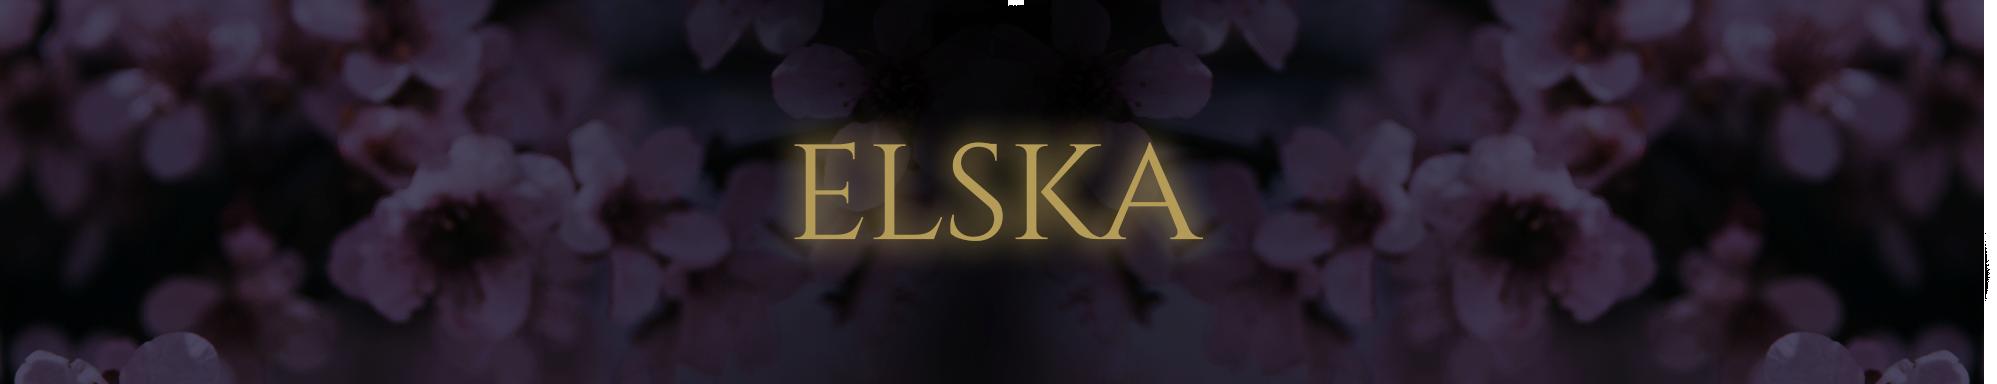 FRIDA. Elska Banner.png